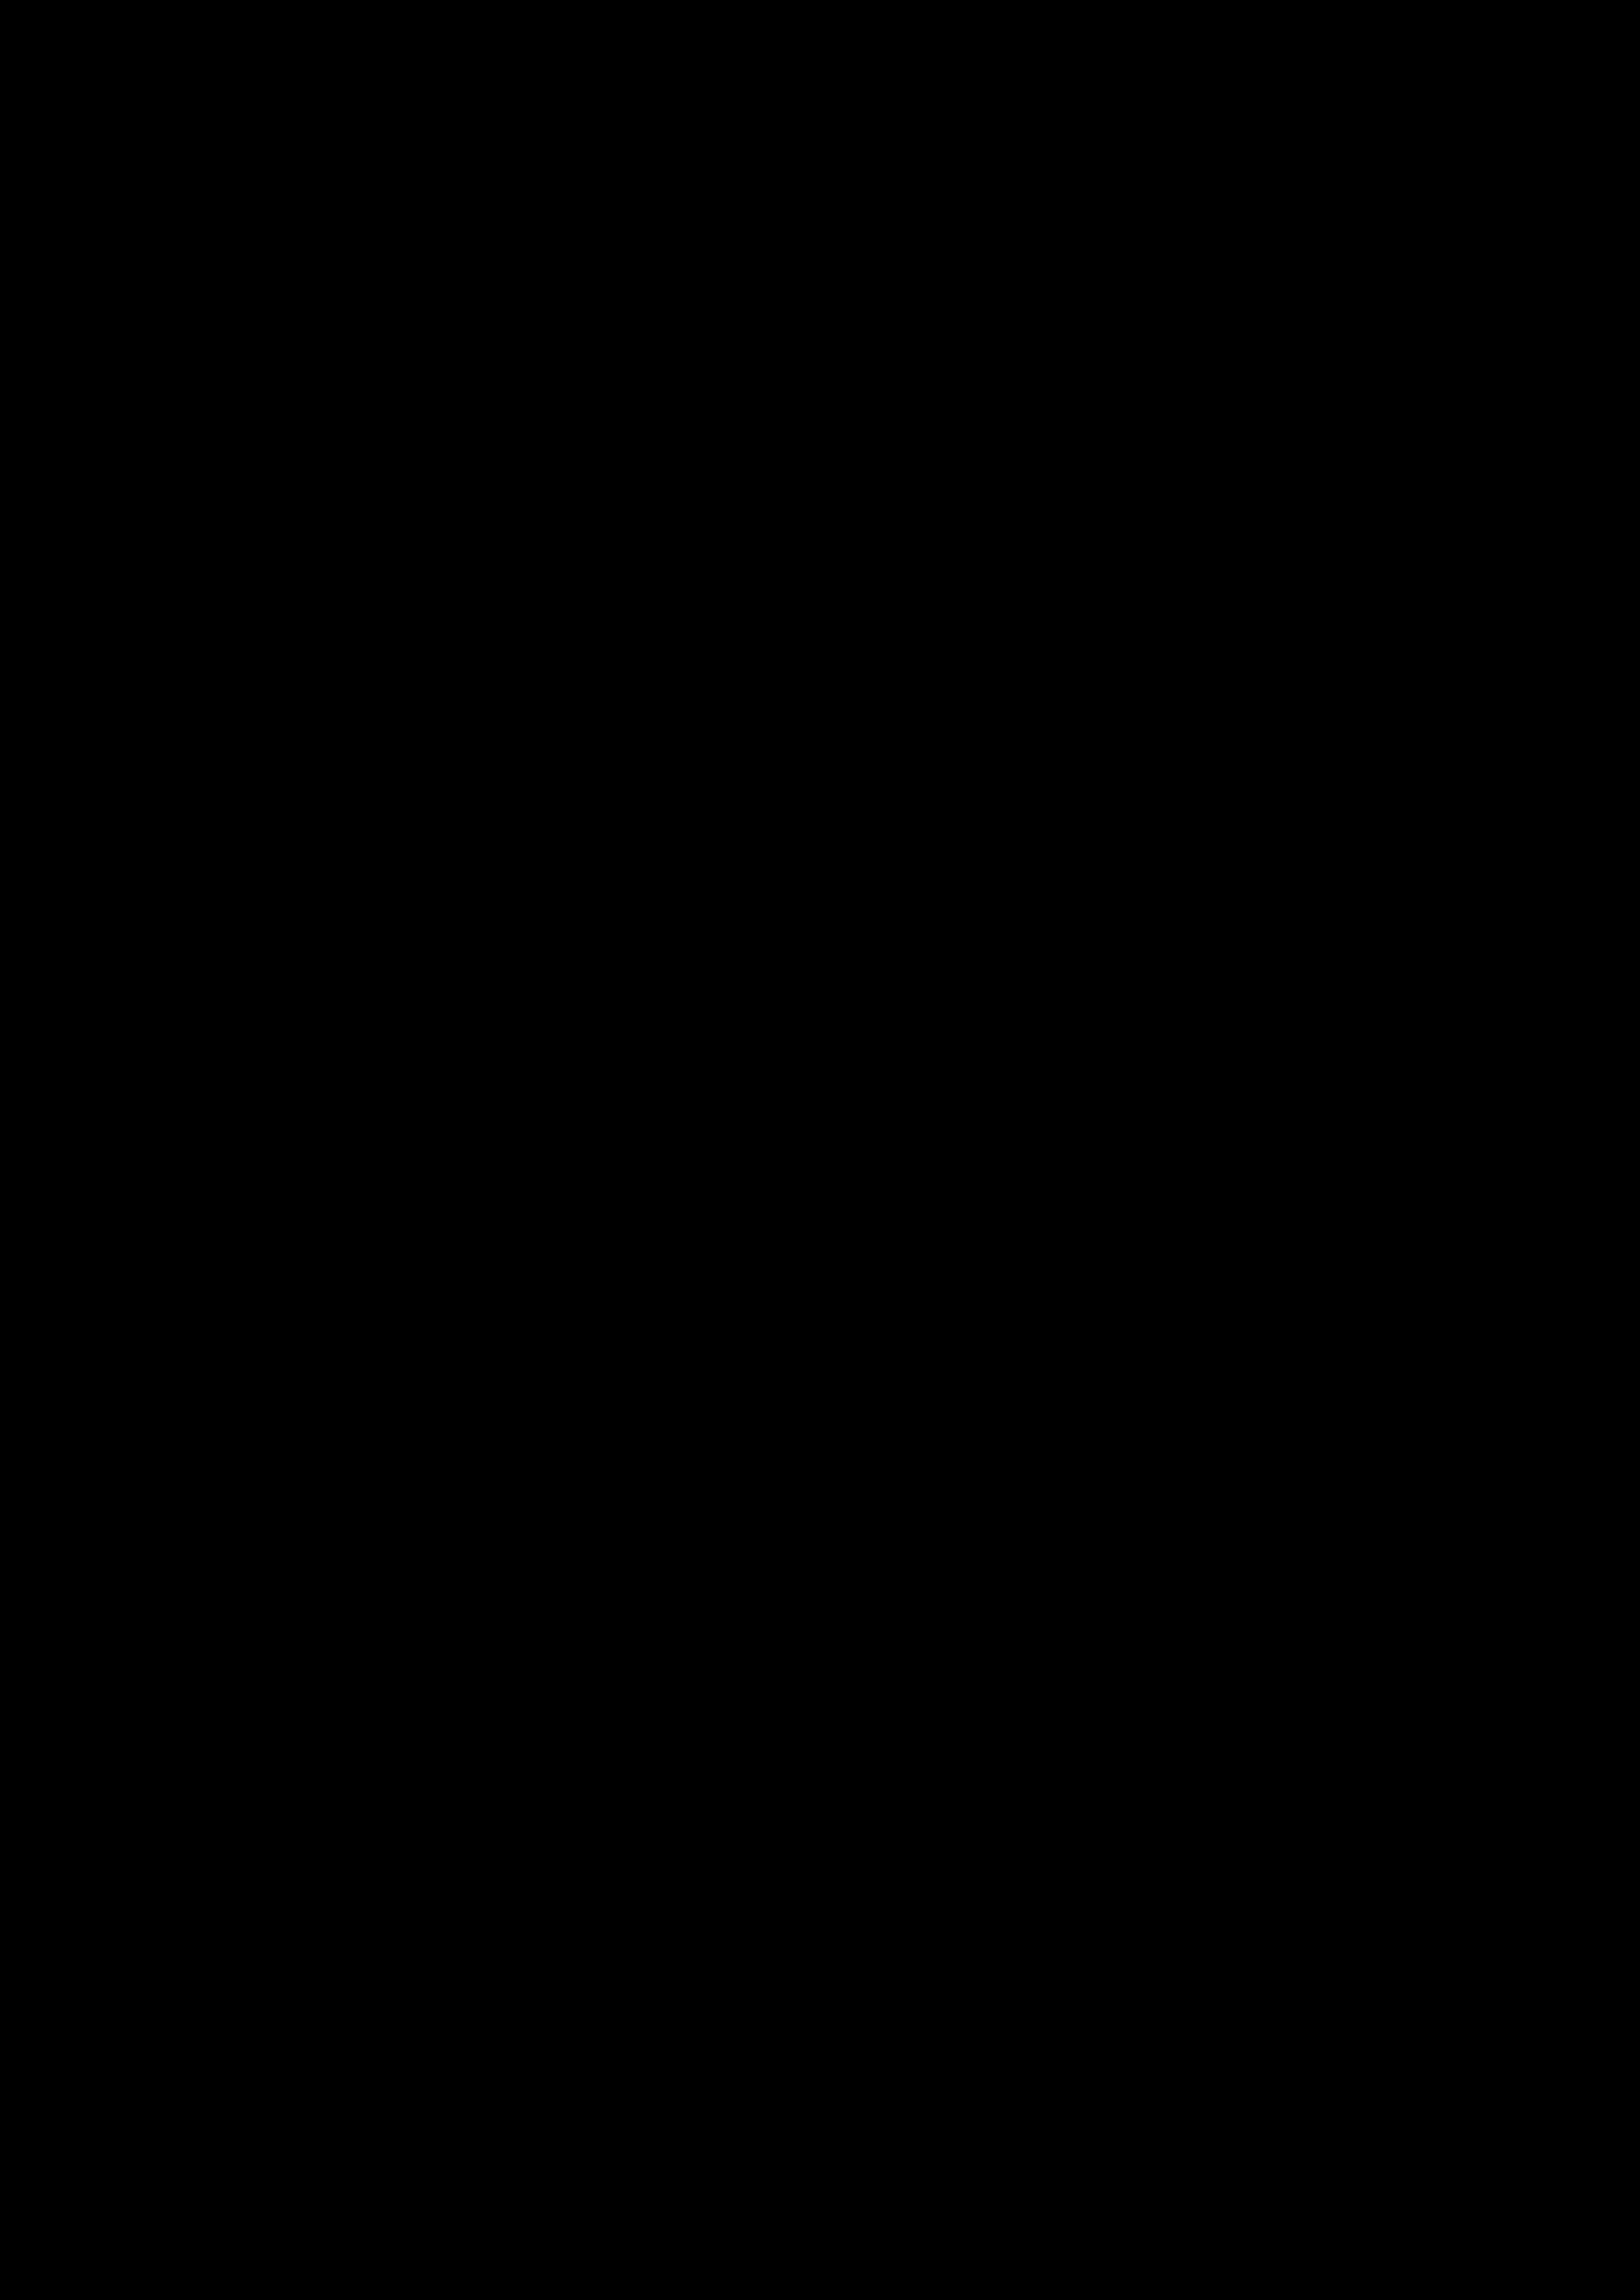 2000x2828 Logo Png